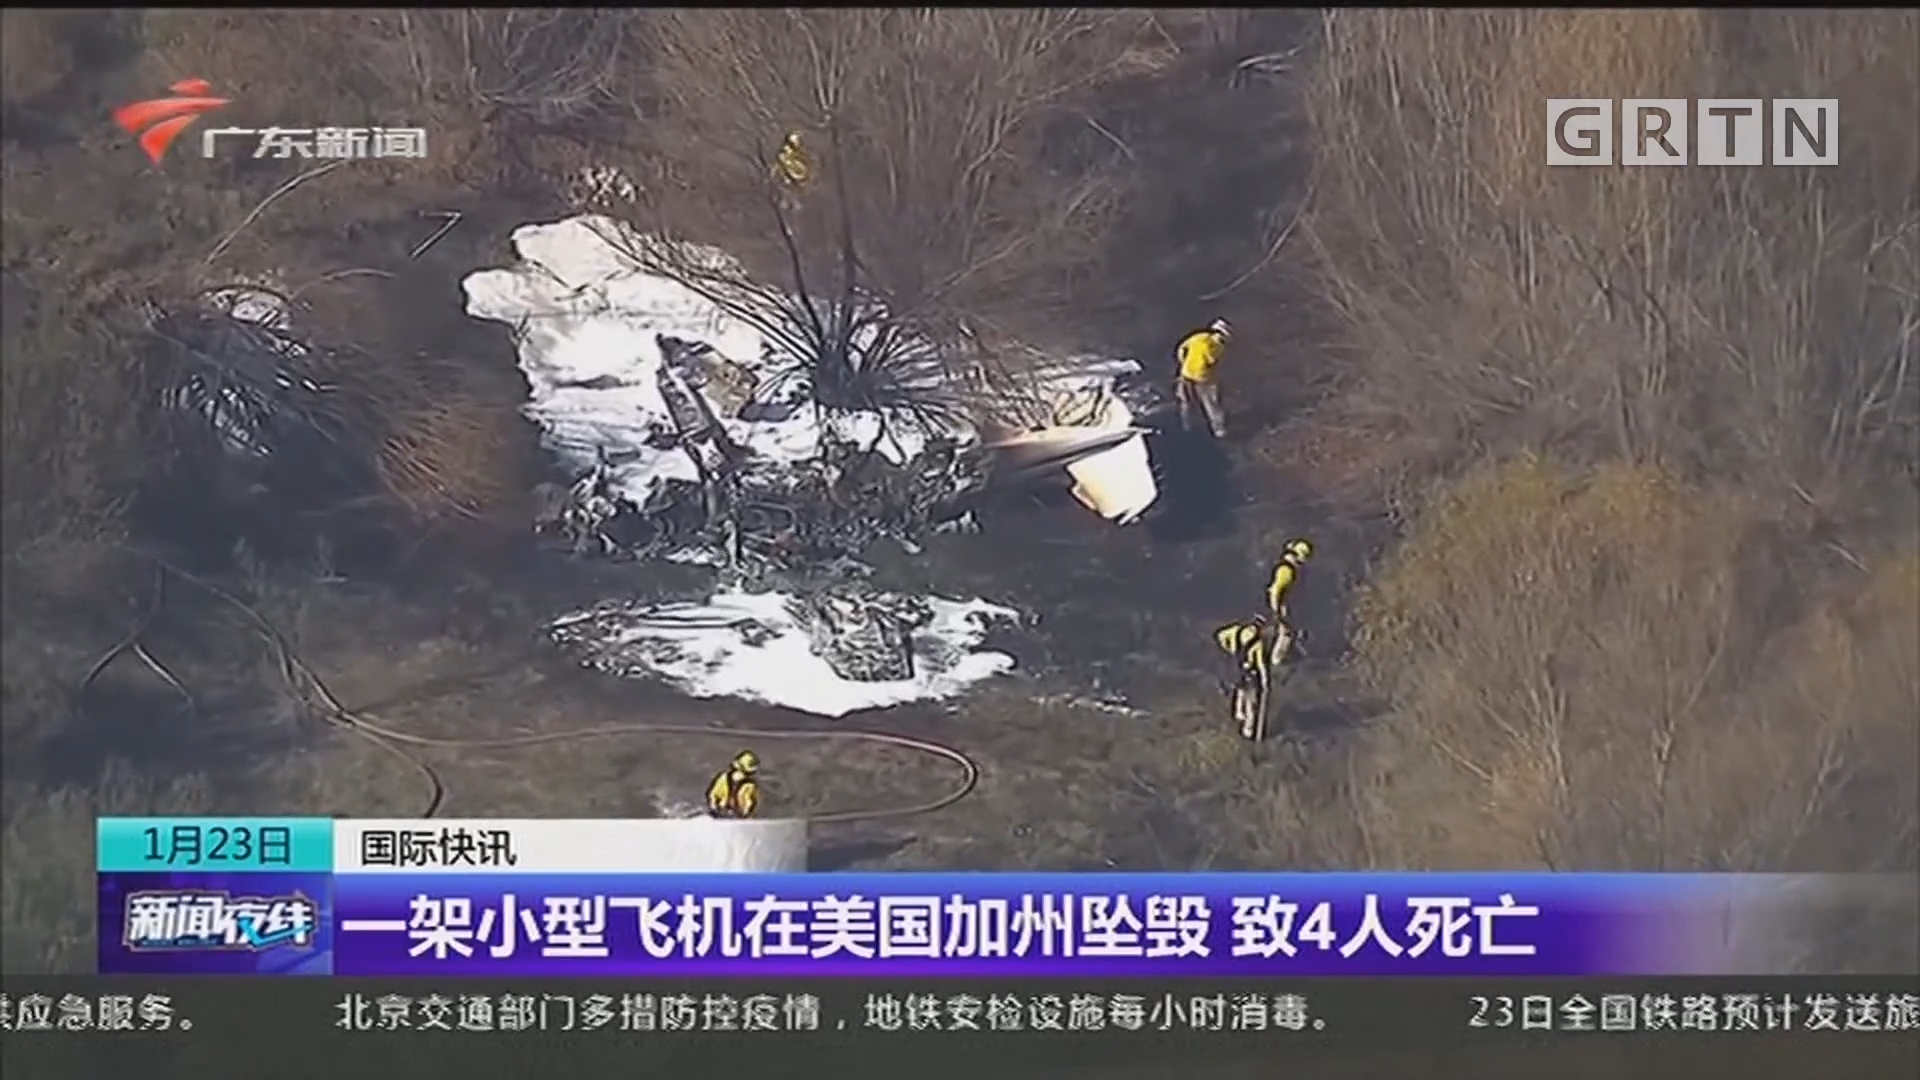 一架小型飞机在美国加州坠毁 致4人死亡